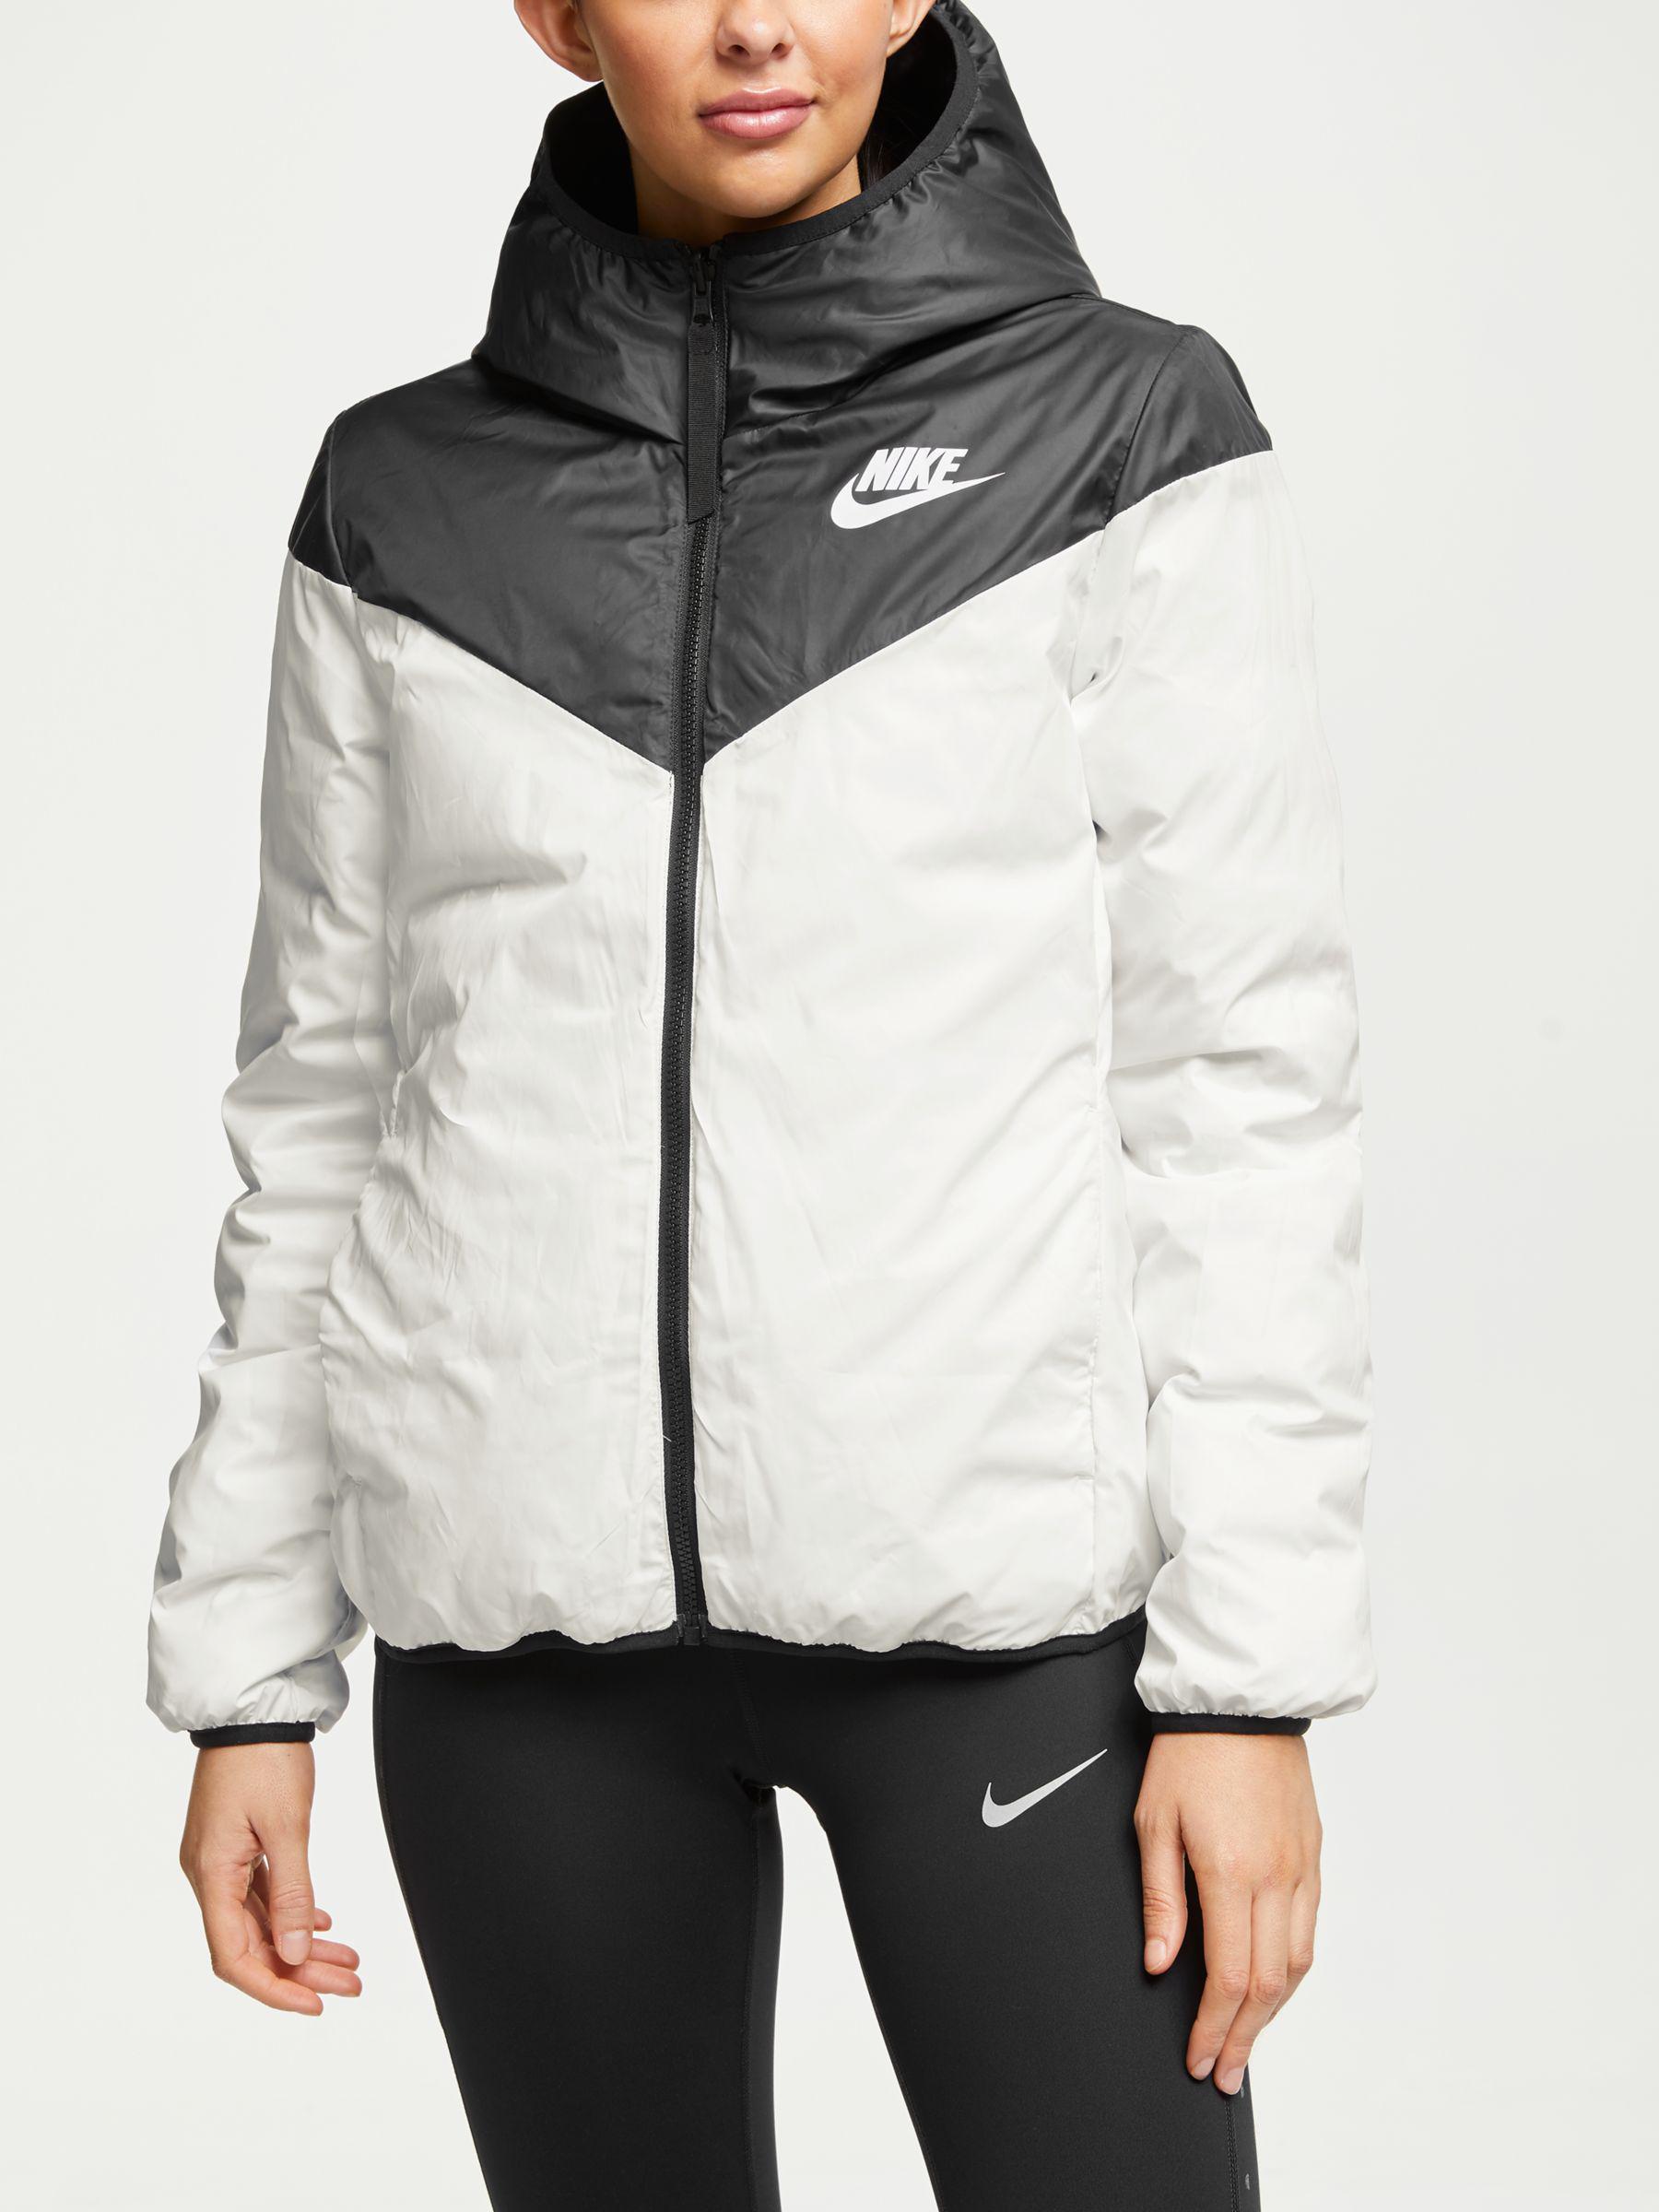 a90c352ac Nike Sportswear Windrunner Women's Reversible Down Fill Jacket in ...